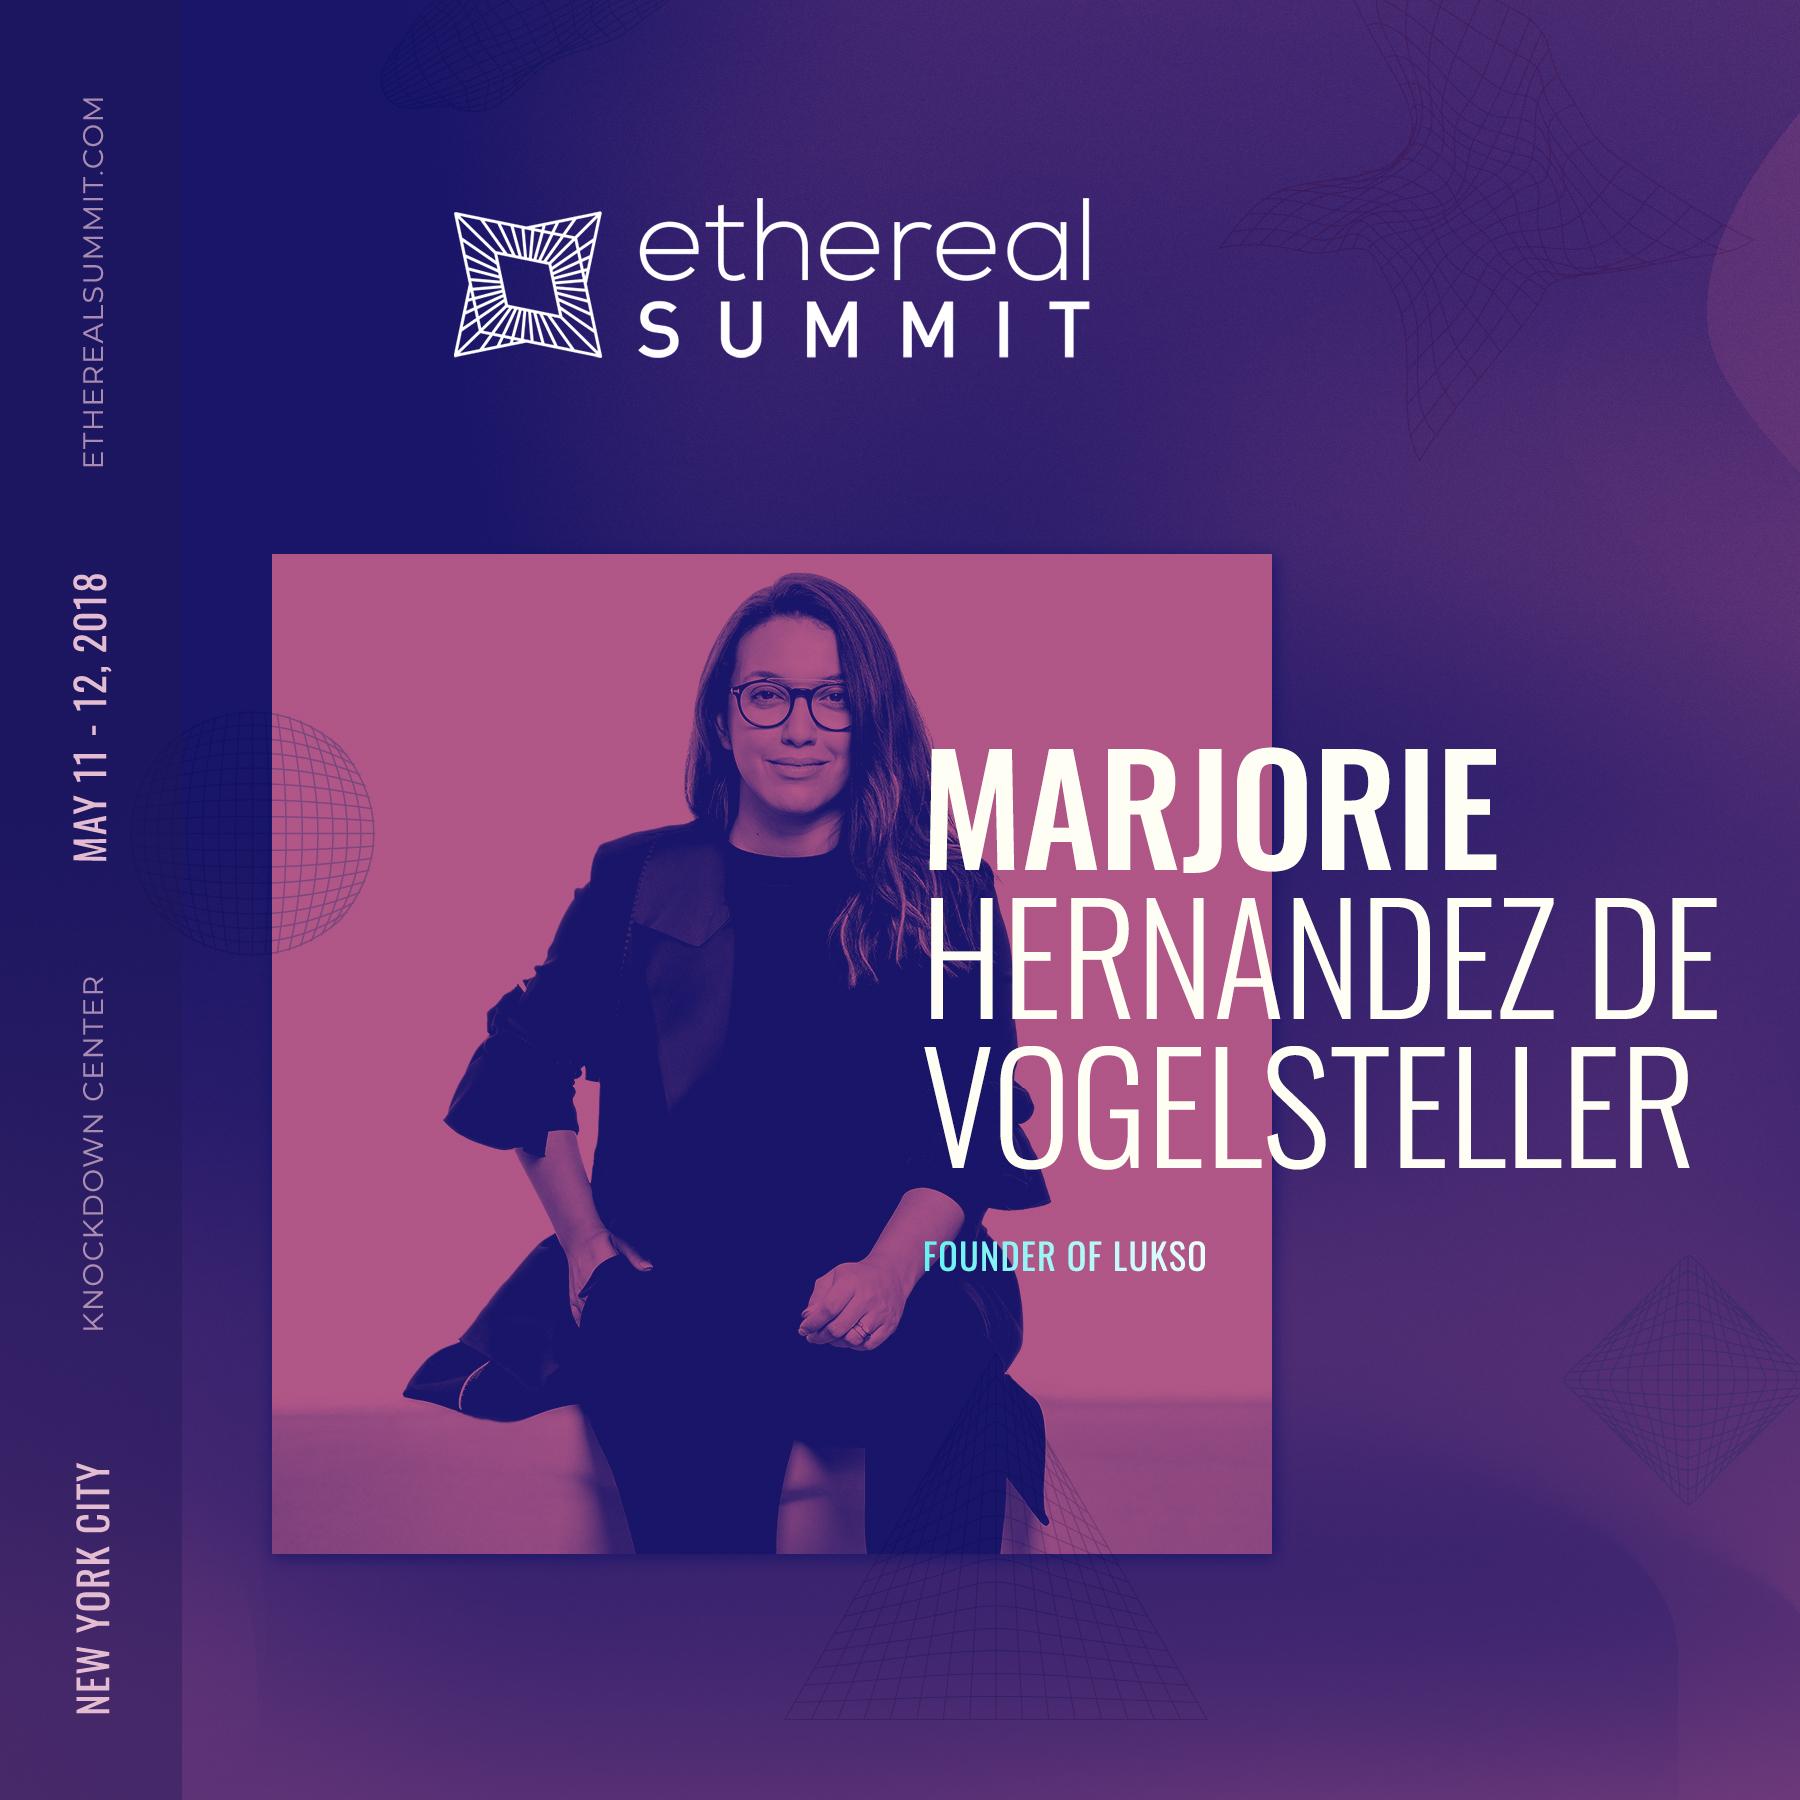 Marjorie Hernandez de Vogelsteller